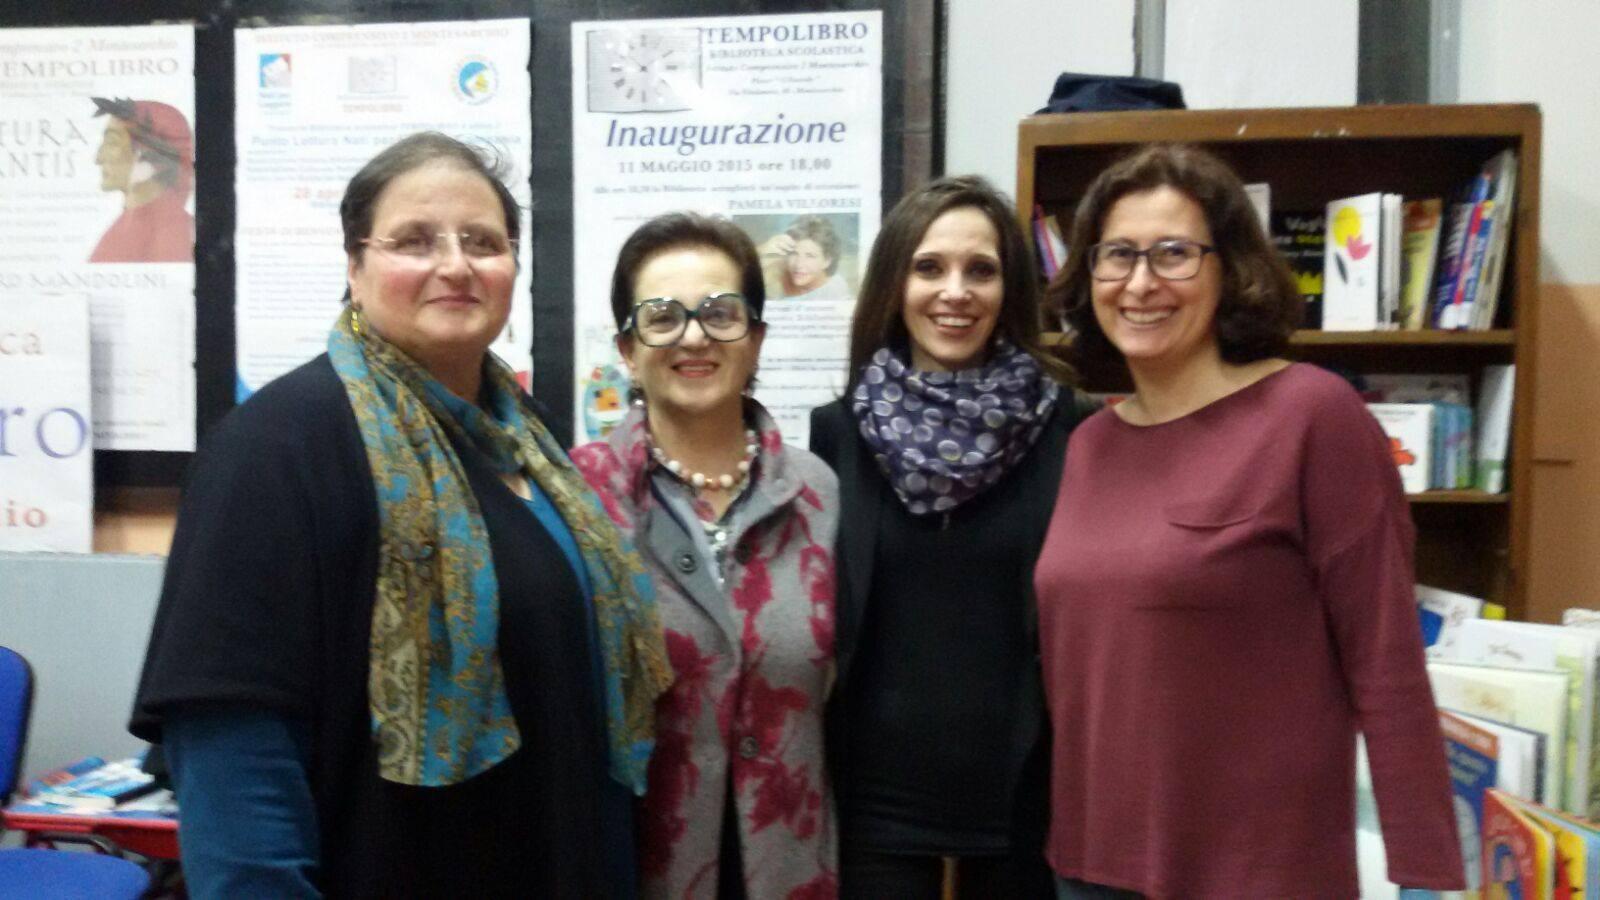 Montesarchio | Biblioteca Tempolibro: incontro con la referente regionale NATI PER LEGGERE.